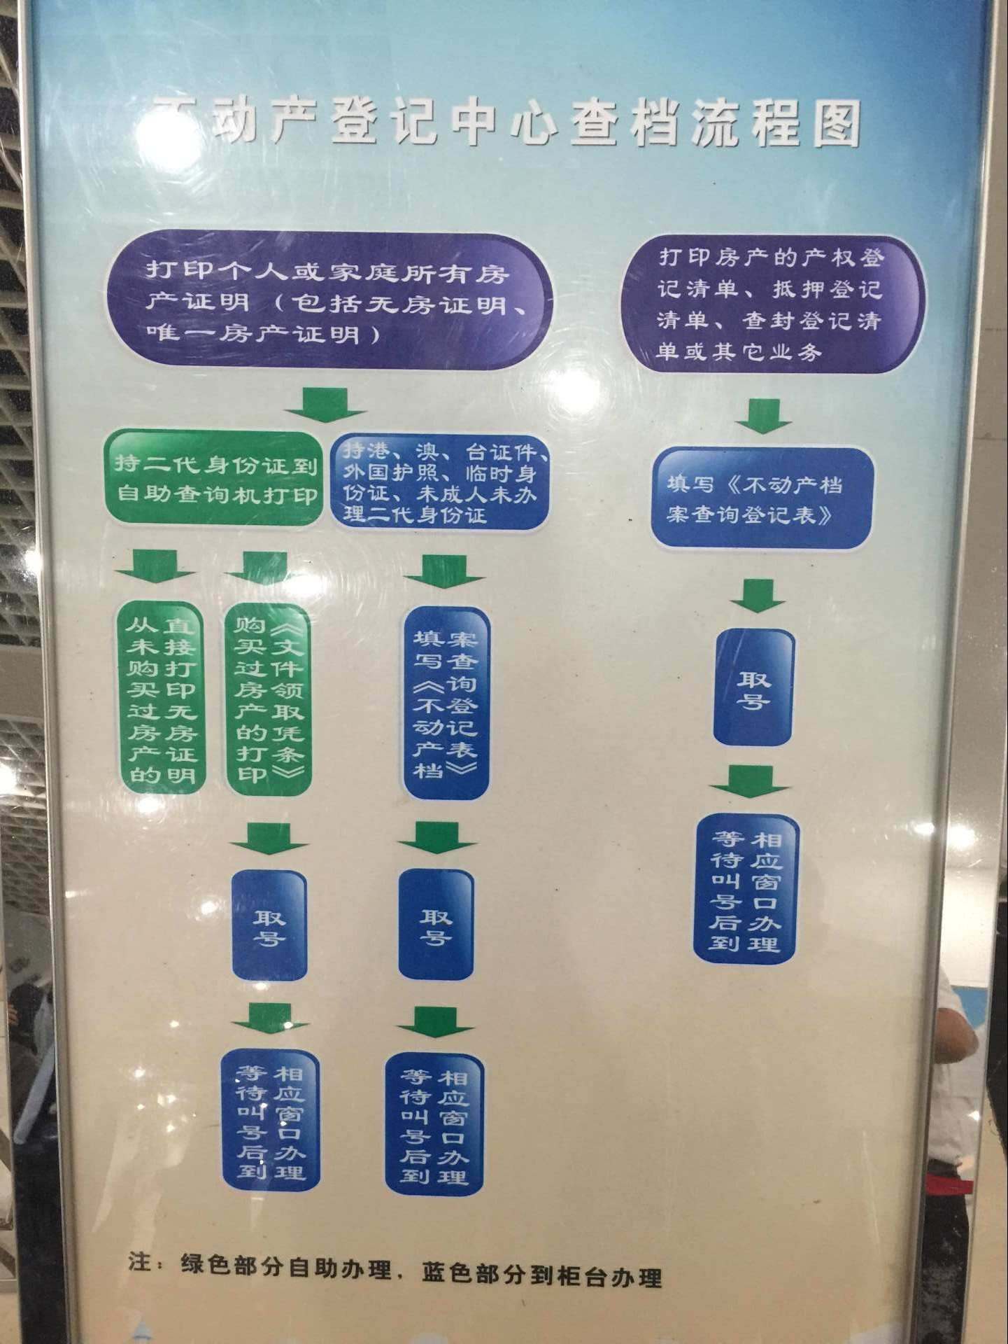 深圳自助打印无房证明在哪里办?需要什么材料